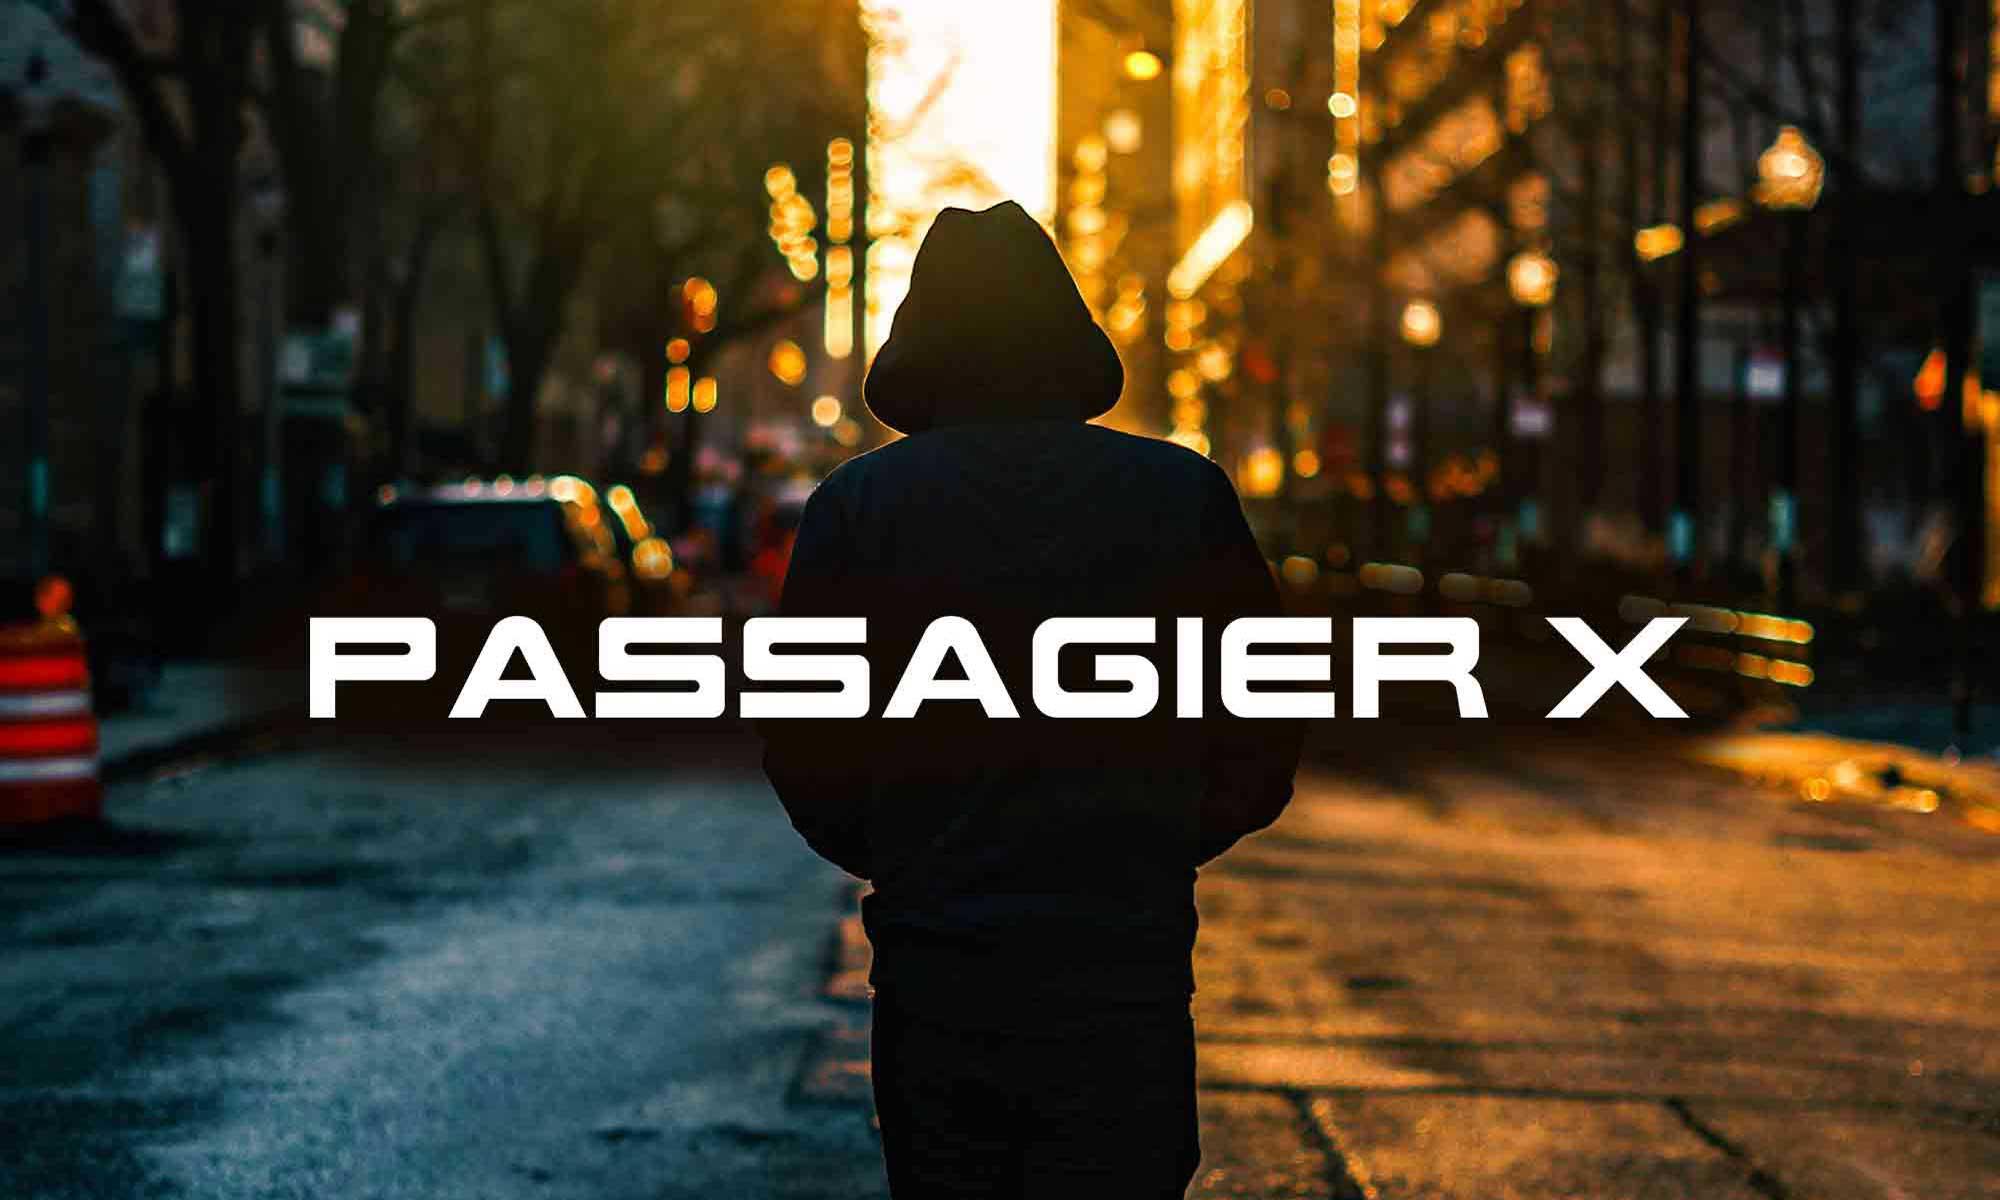 PassagierX